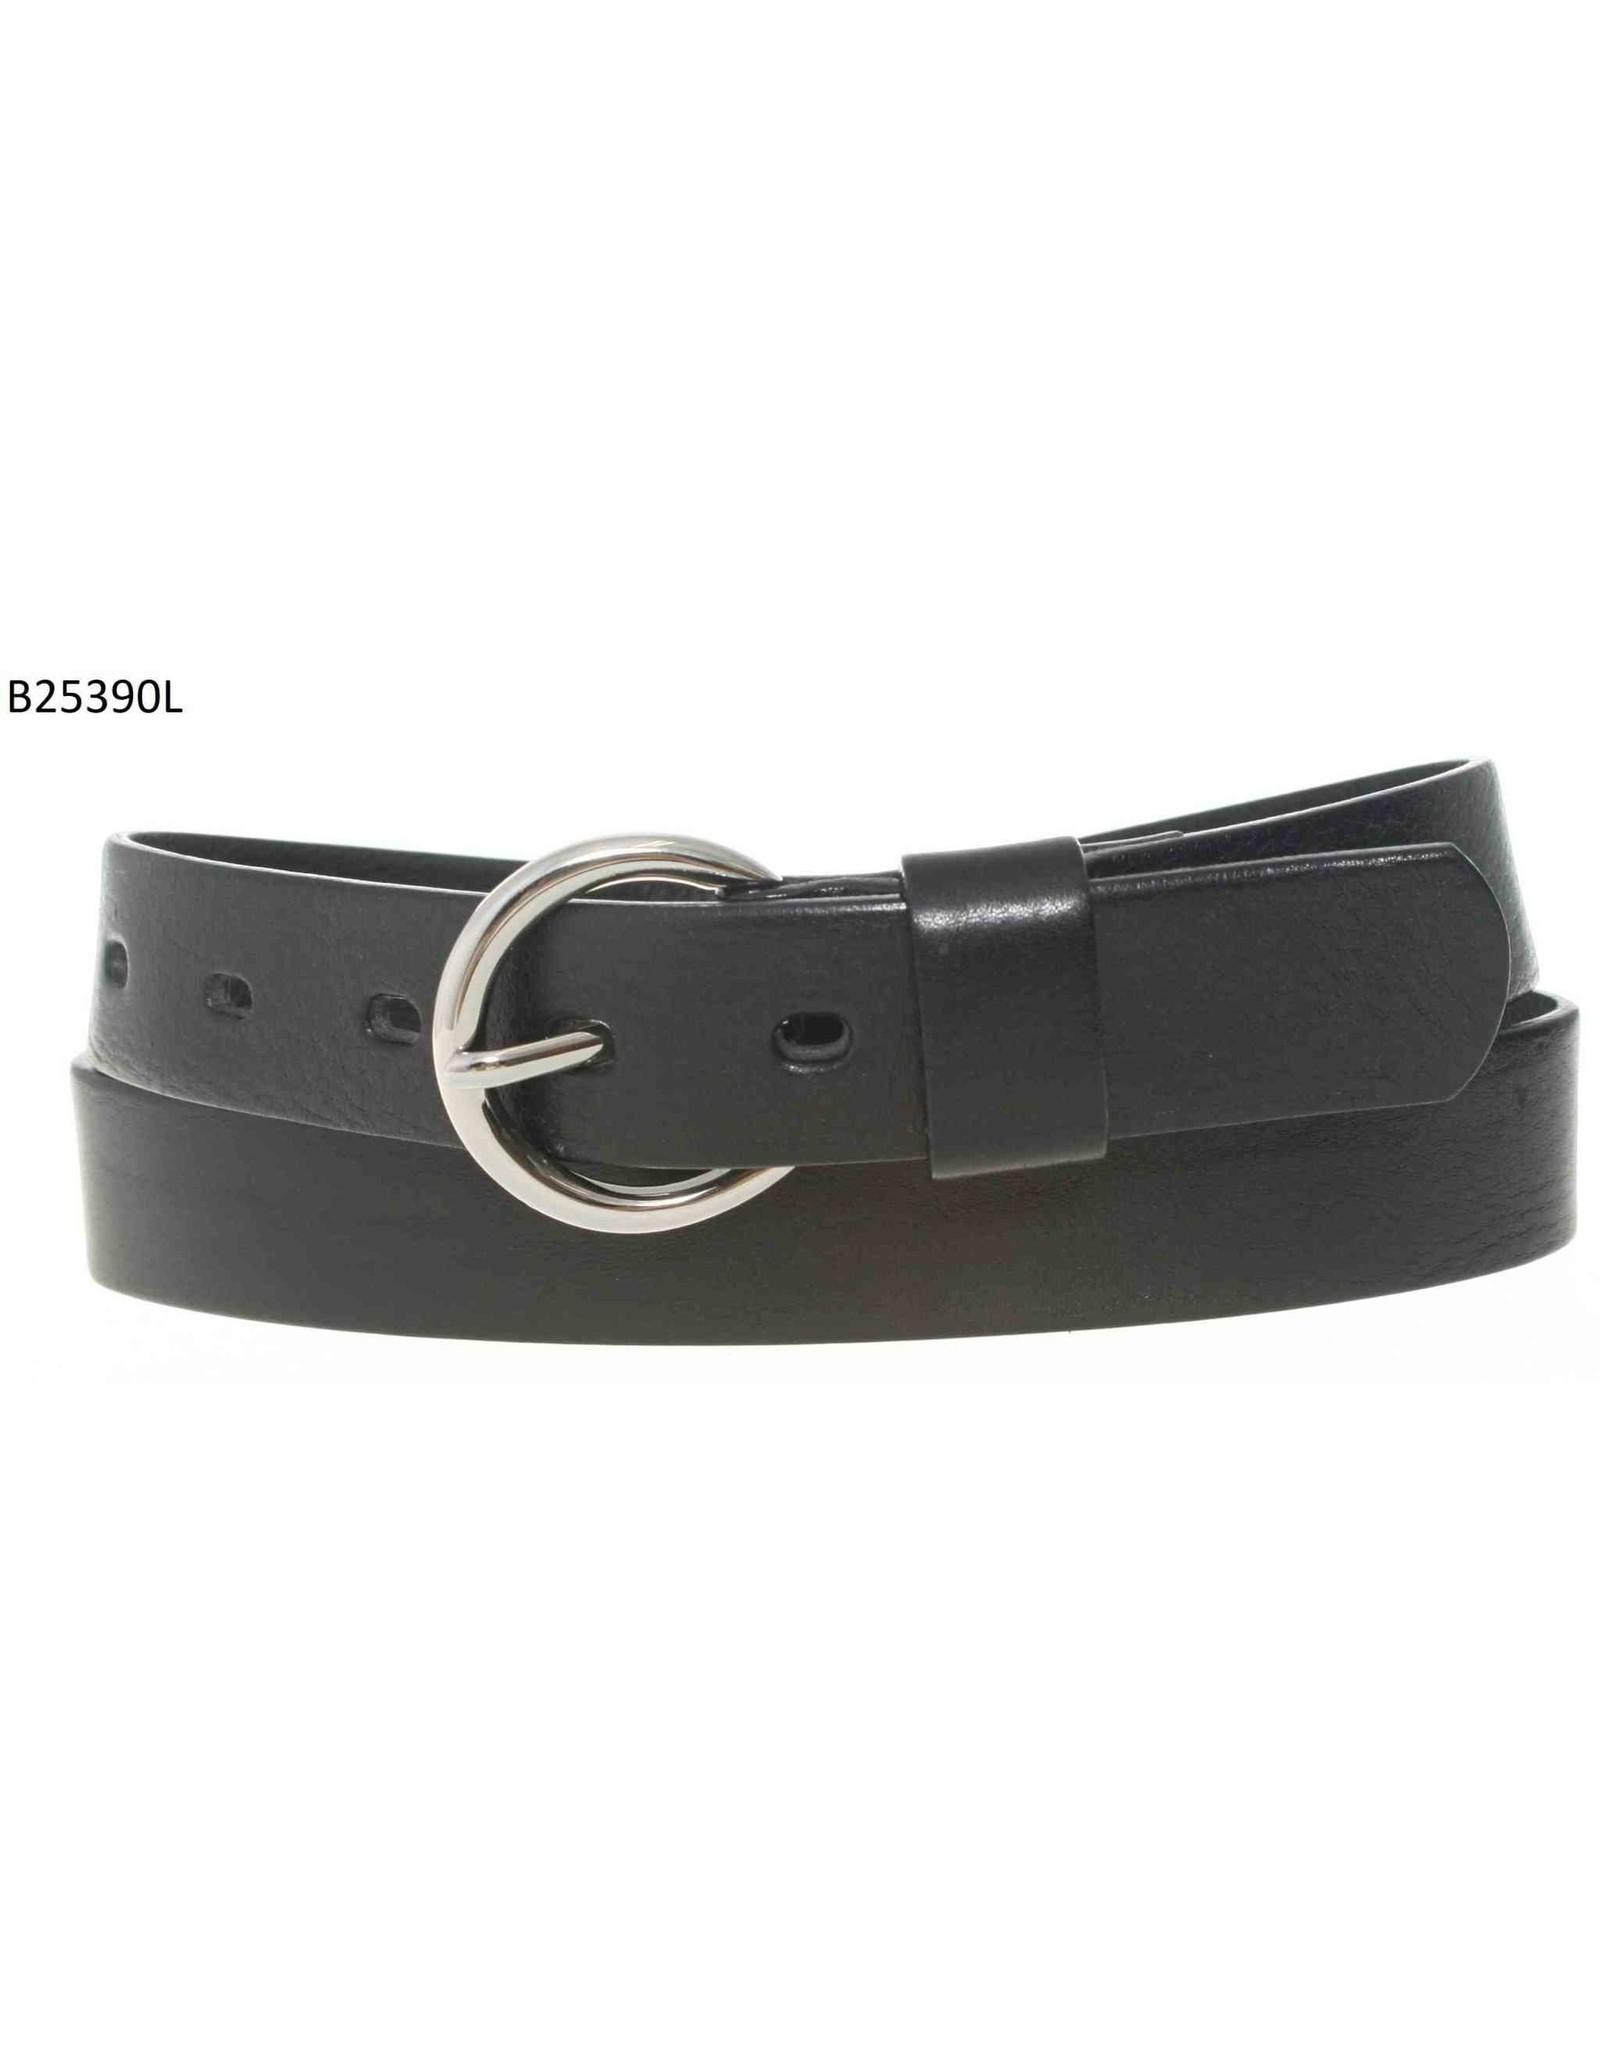 Medike Landes Medike Landes - Keenan black leather belt